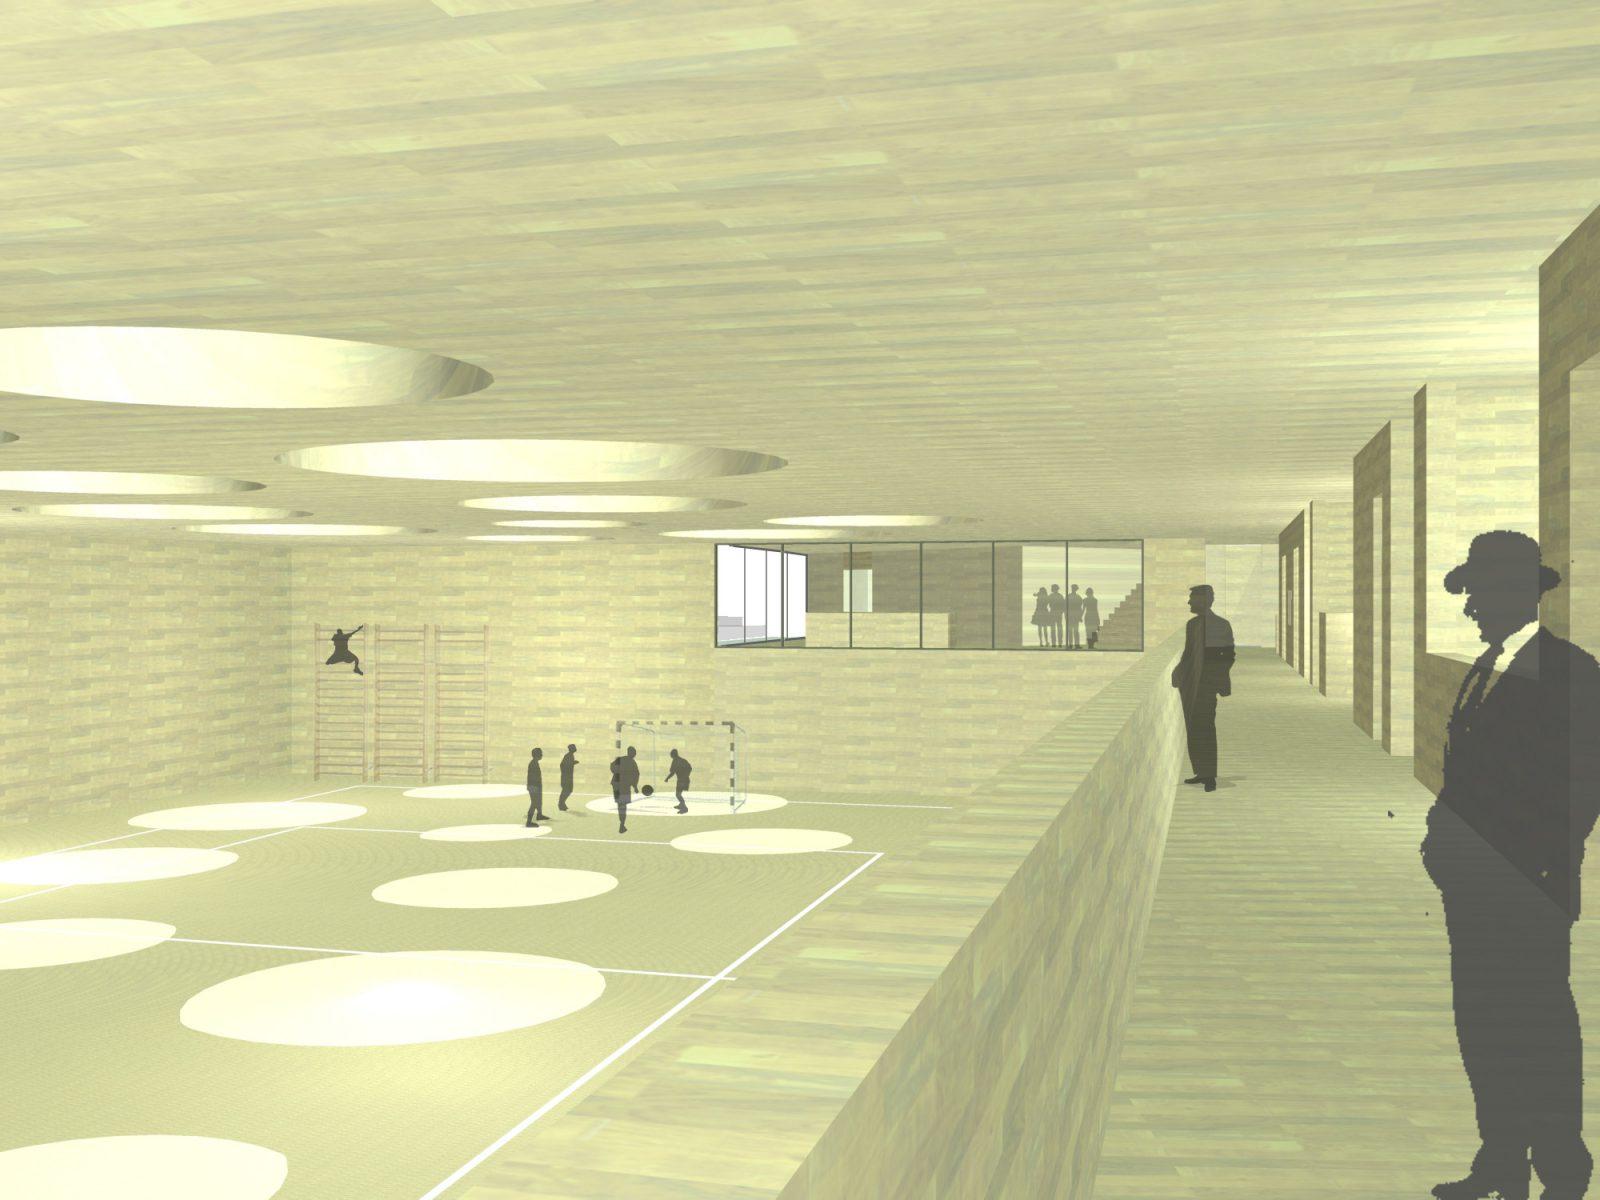 Perspektive-Wettbewerb-Sporthalle-Pardeck-Tiefgarage und Heizzentrale Miesbach-Engere-Wahl-2010-© Friedrich-Poerschke-Zwink-Architekten